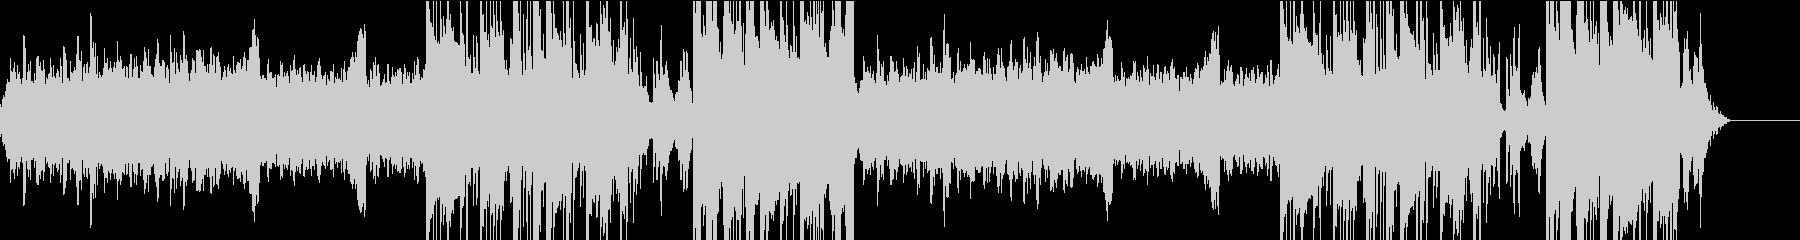 リラックスできるピアノのBGMの未再生の波形